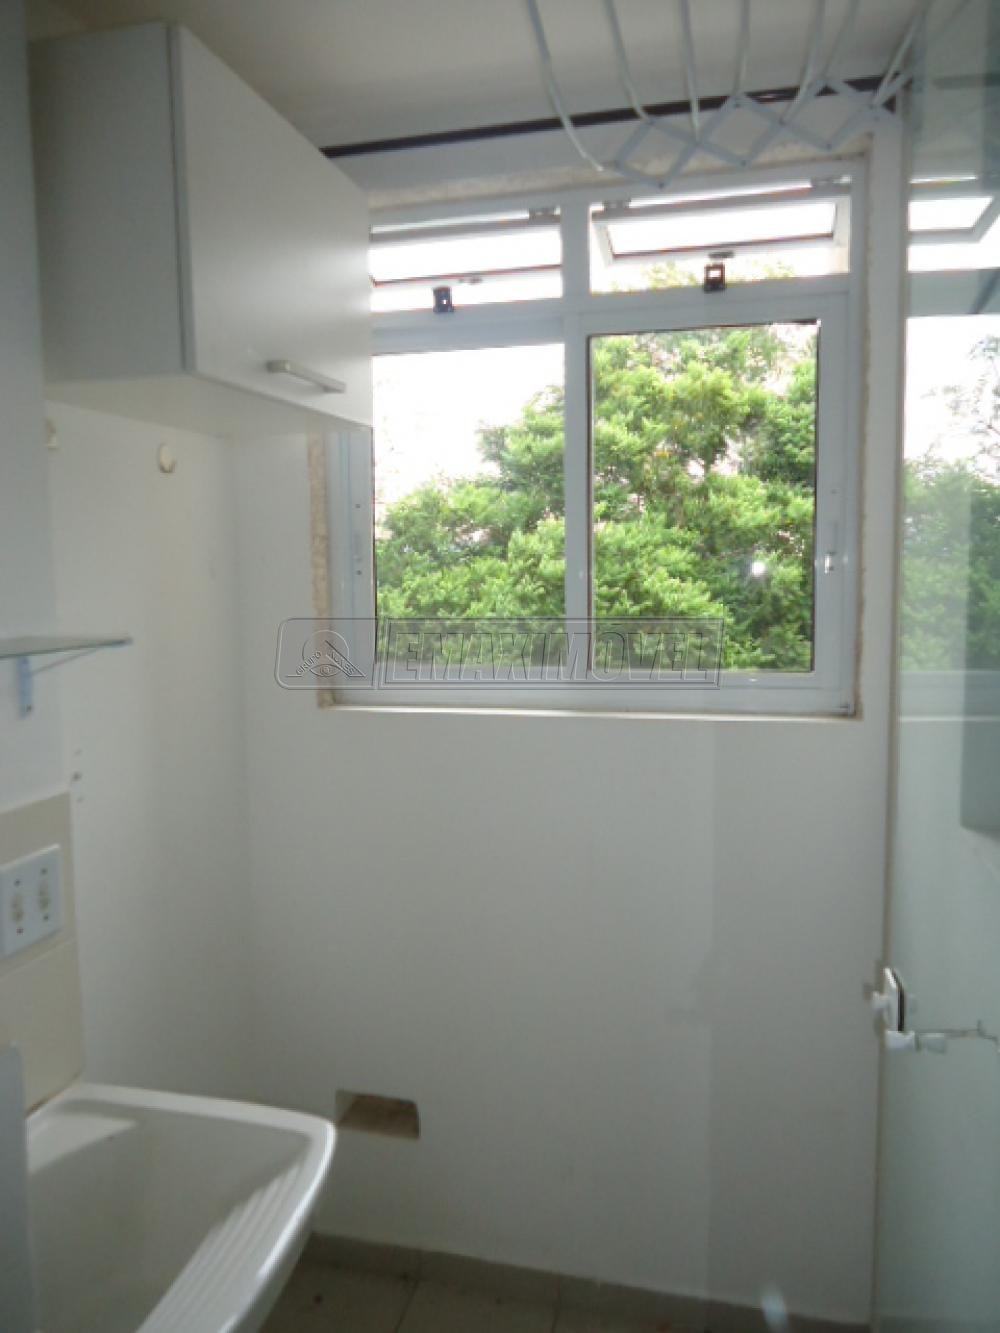 Alugar Apartamentos / Apto Padrão em Sorocaba apenas R$ 1.000,00 - Foto 19